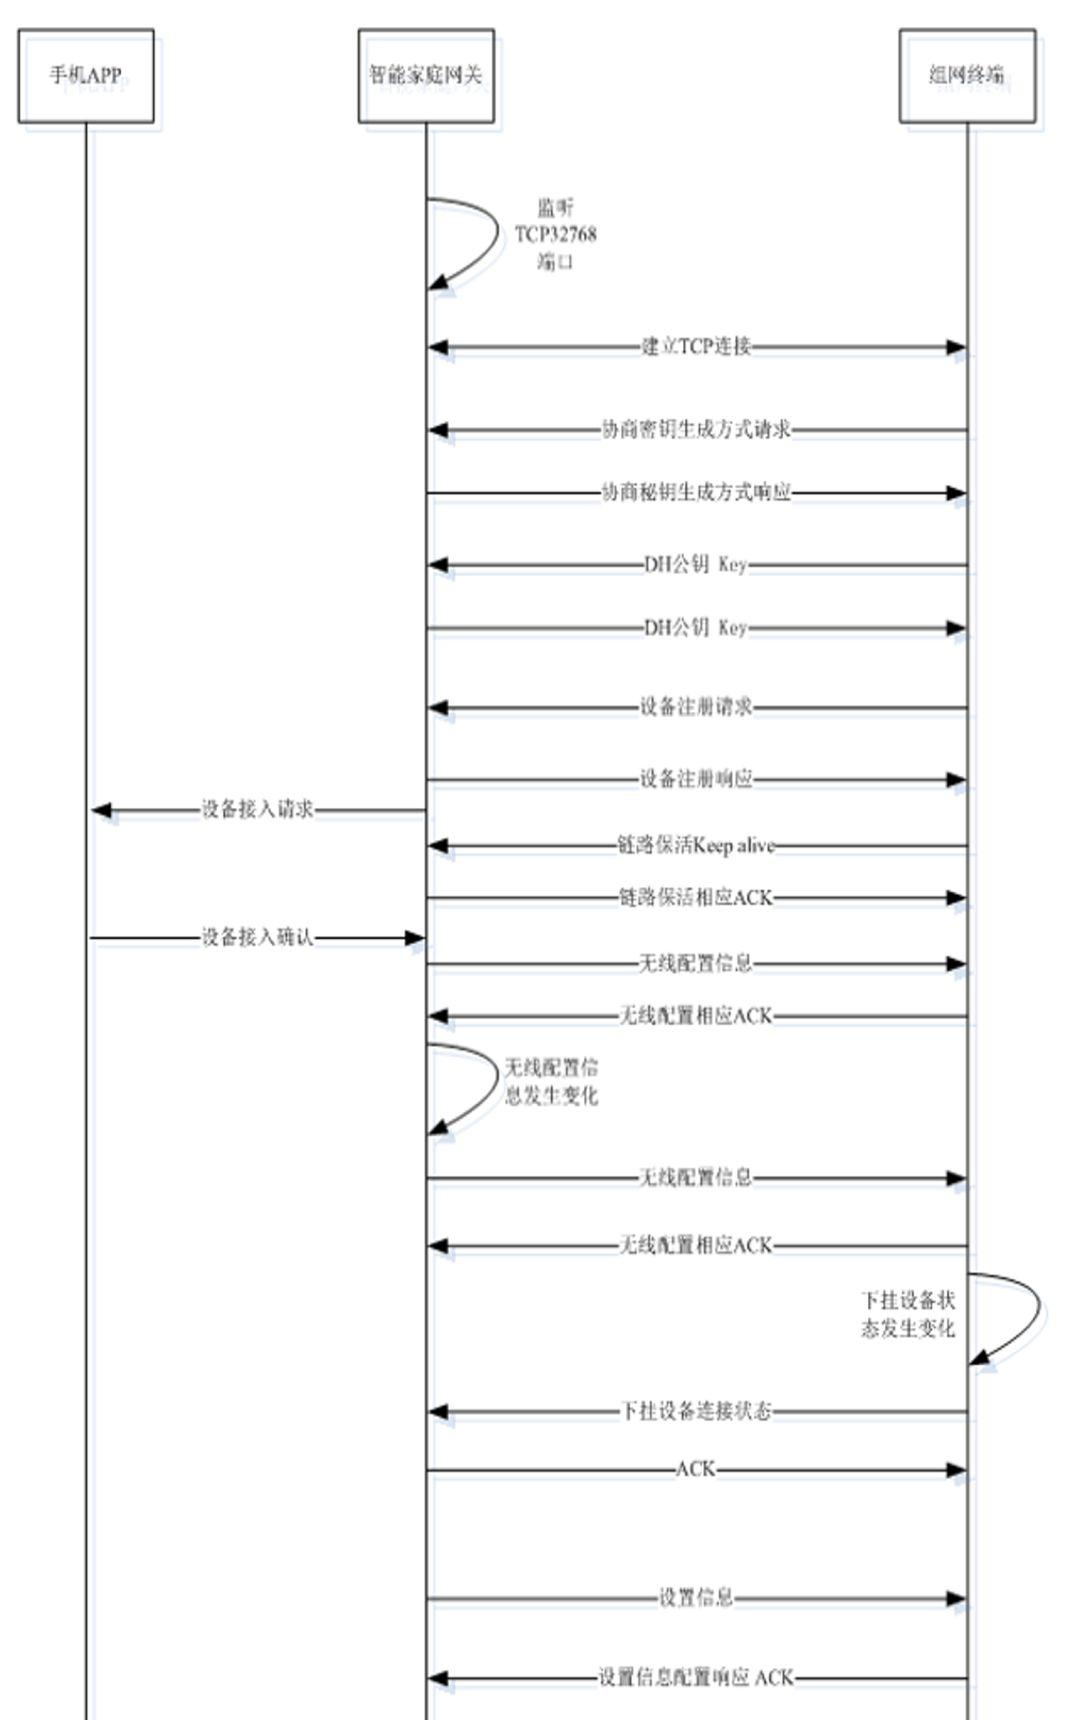 中国电信E-Link 智能路由器安装配置教程、常见问题解决方案